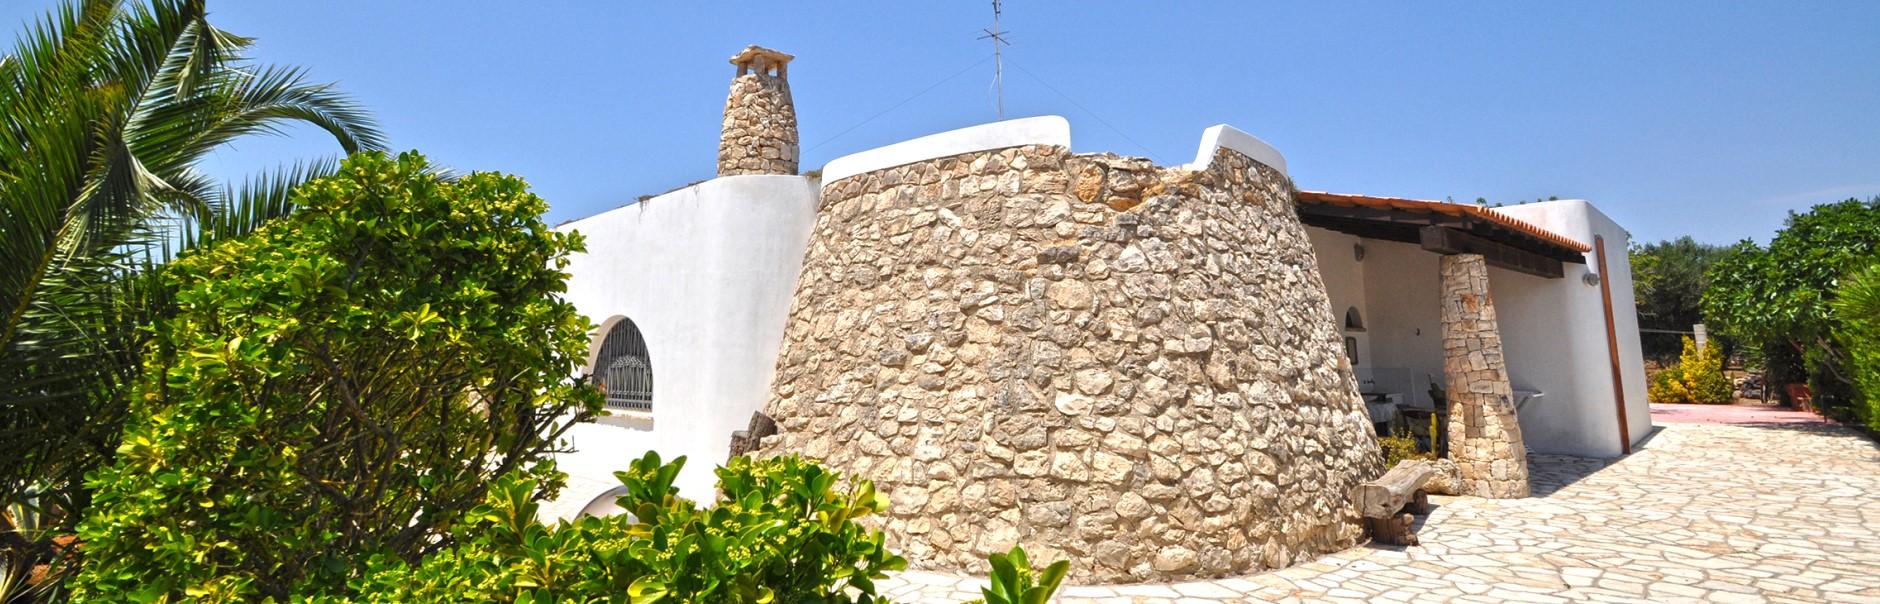 Trullo Gioia - Torre Suda